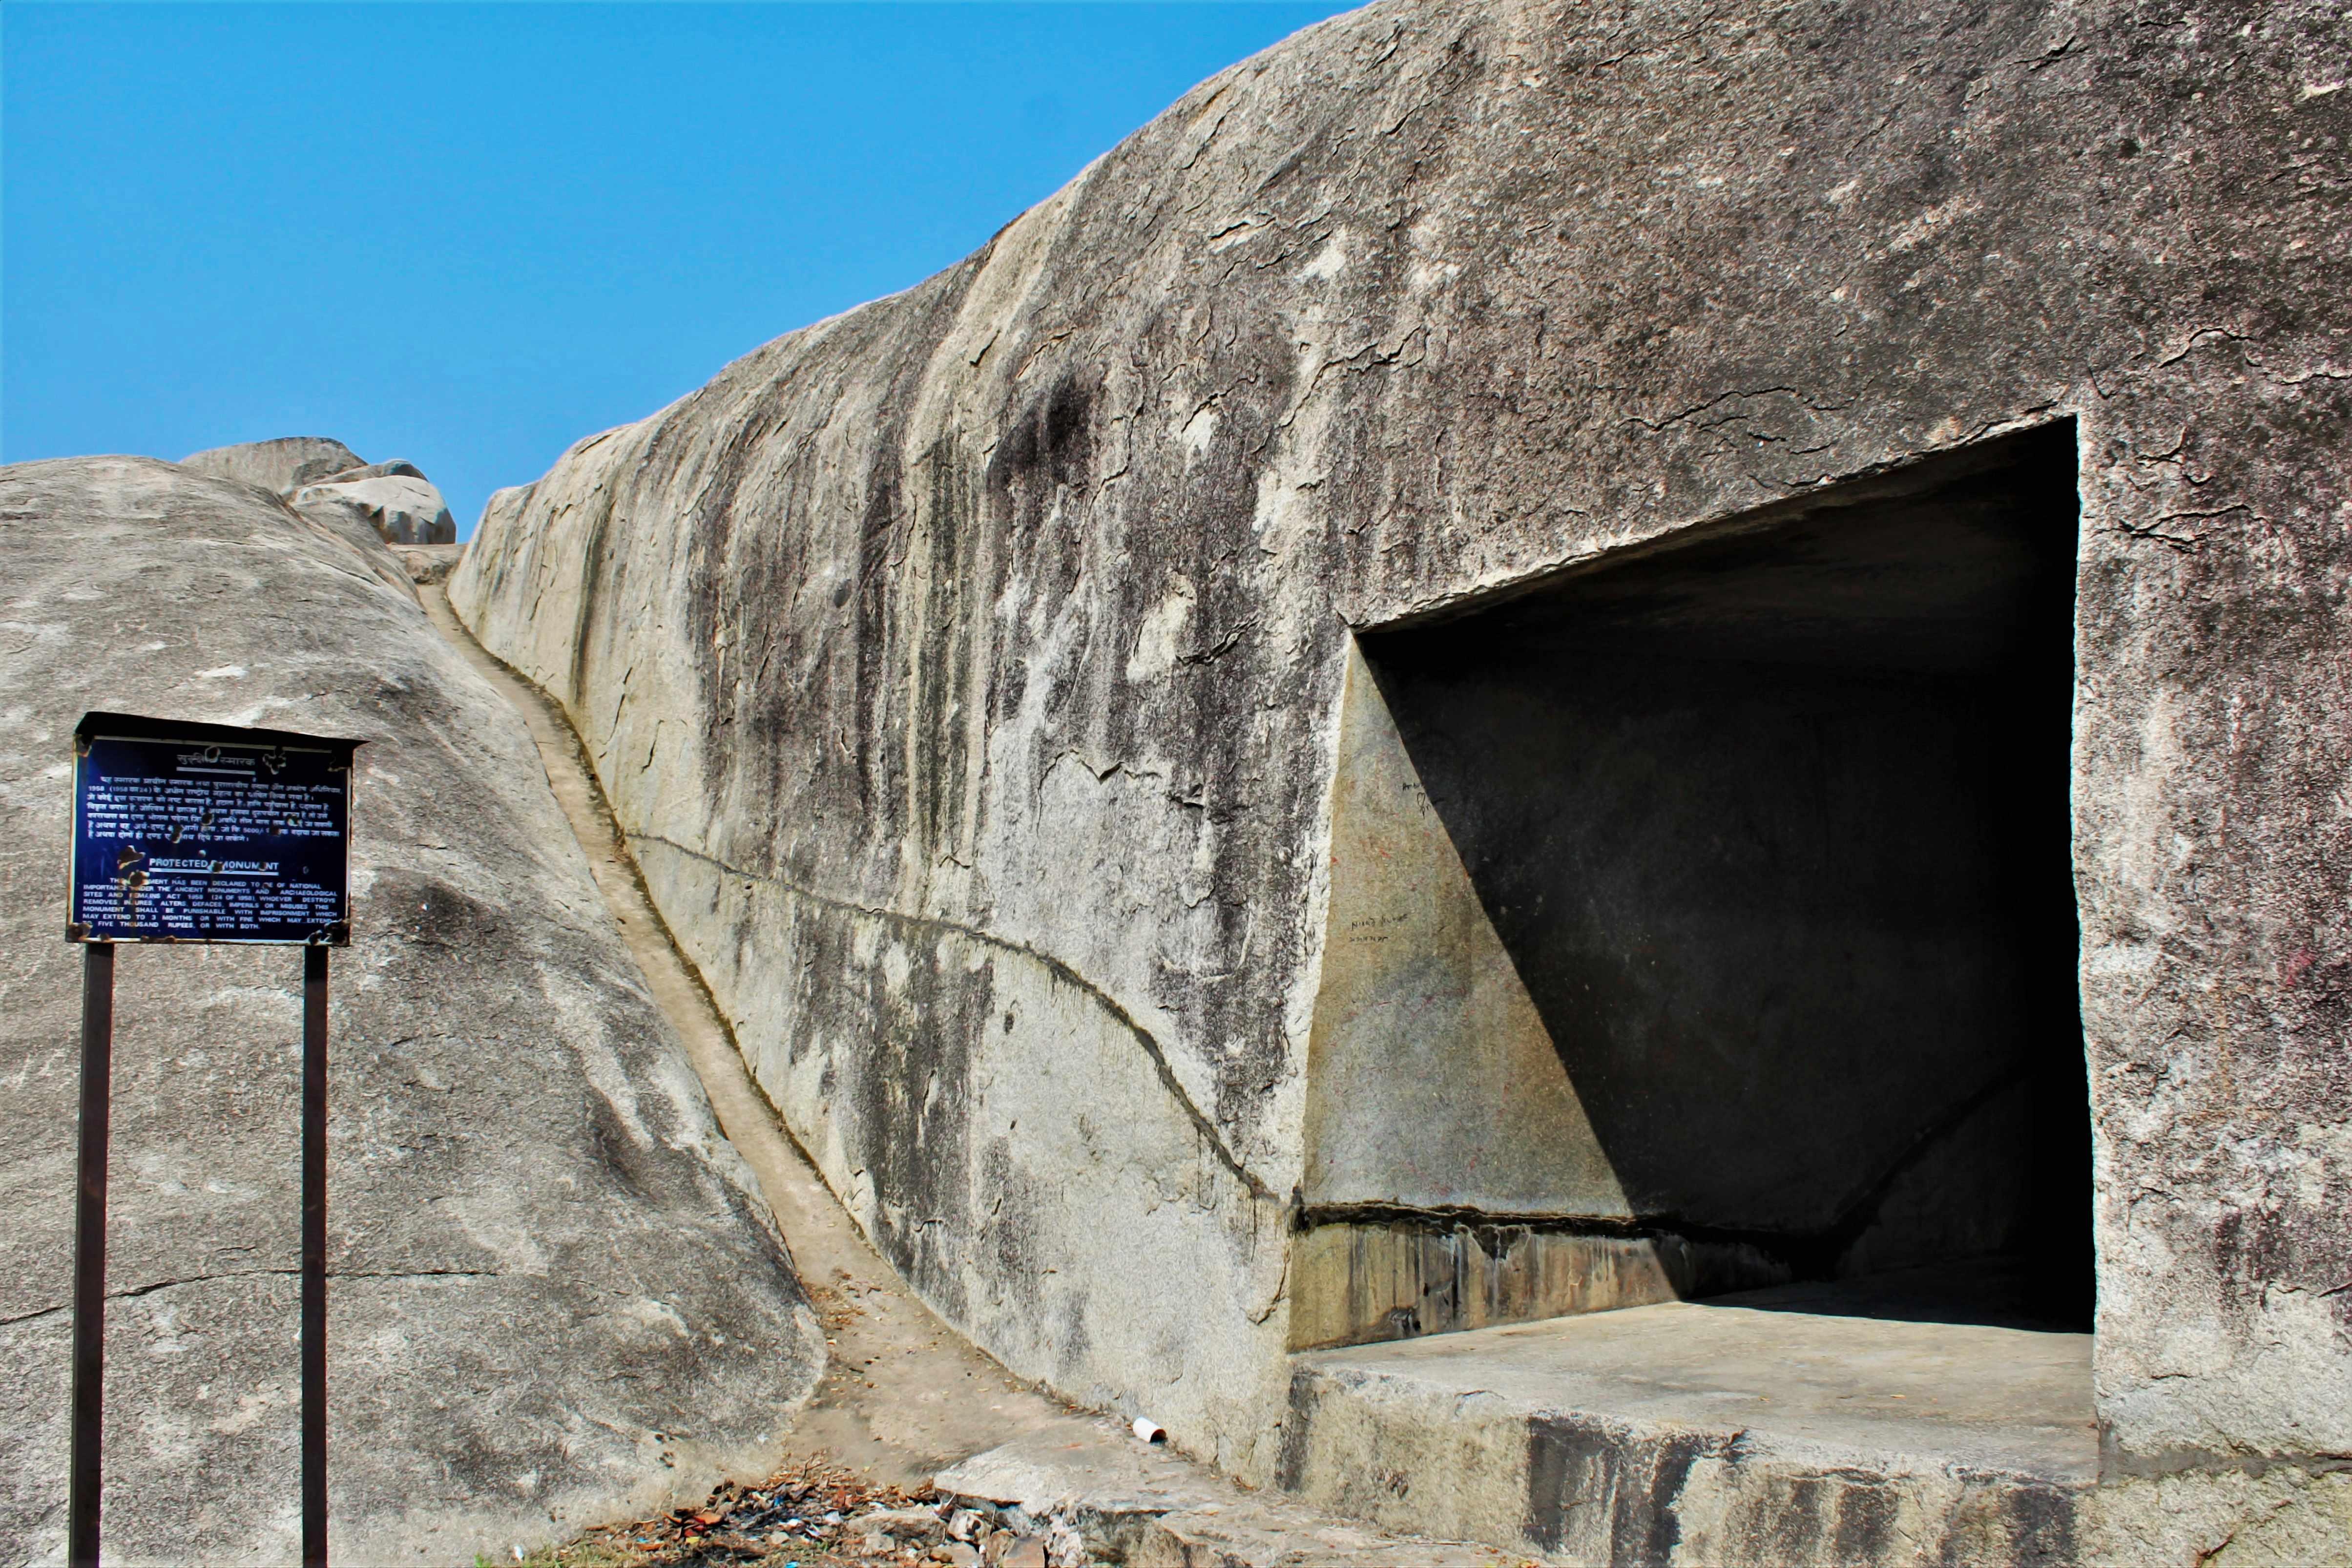 Vishwakarma Cave Entrance